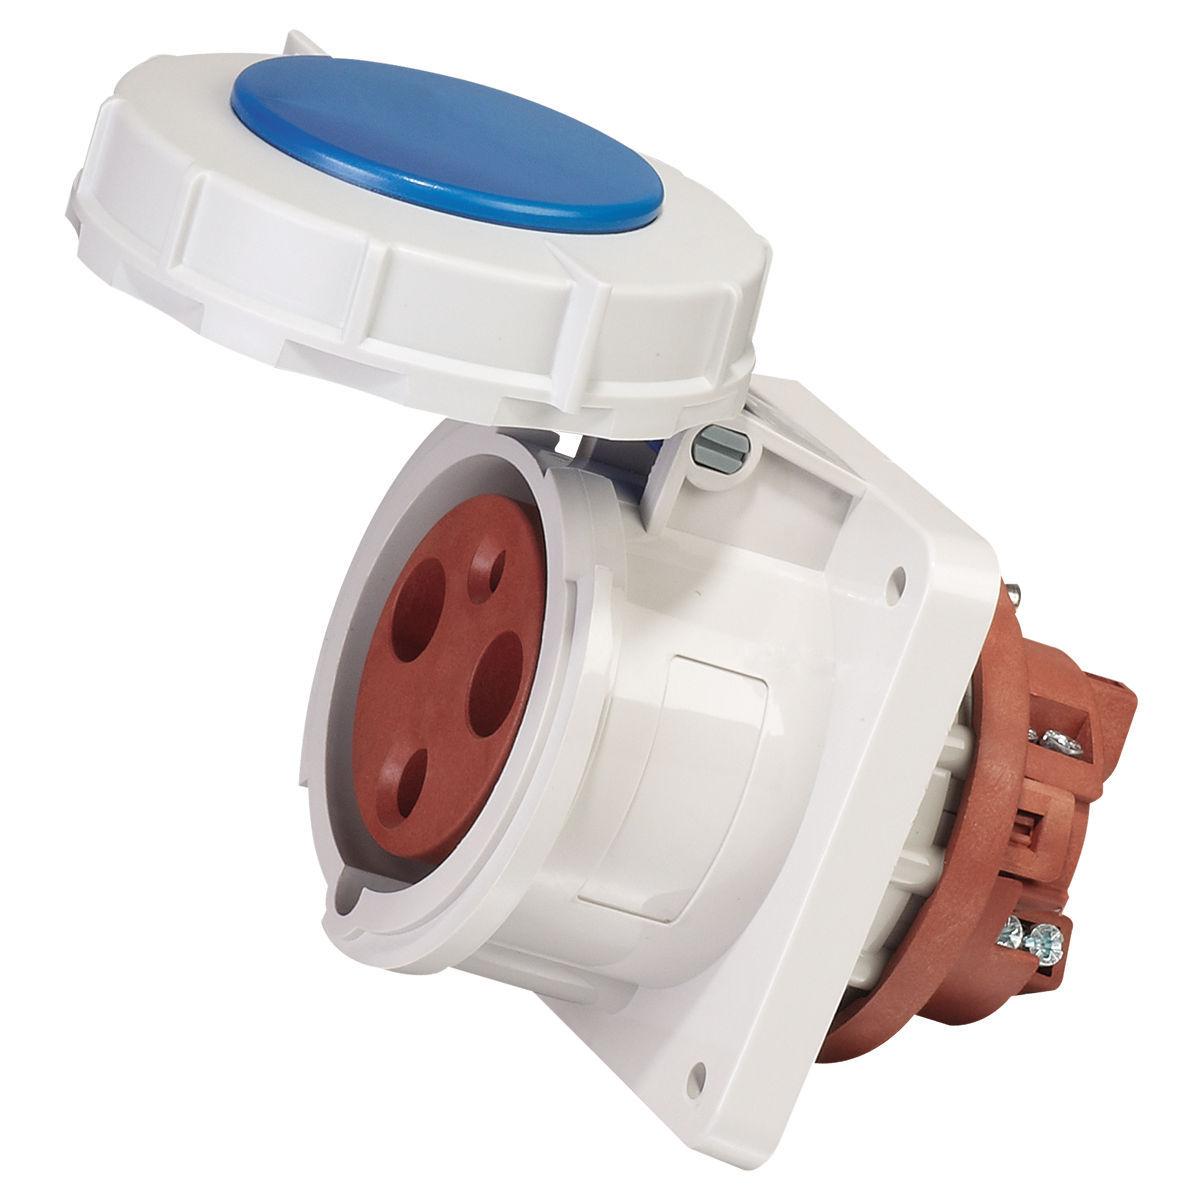 Plug CEE17 63A/230V P+N+PE 6h, 2 pole & earth